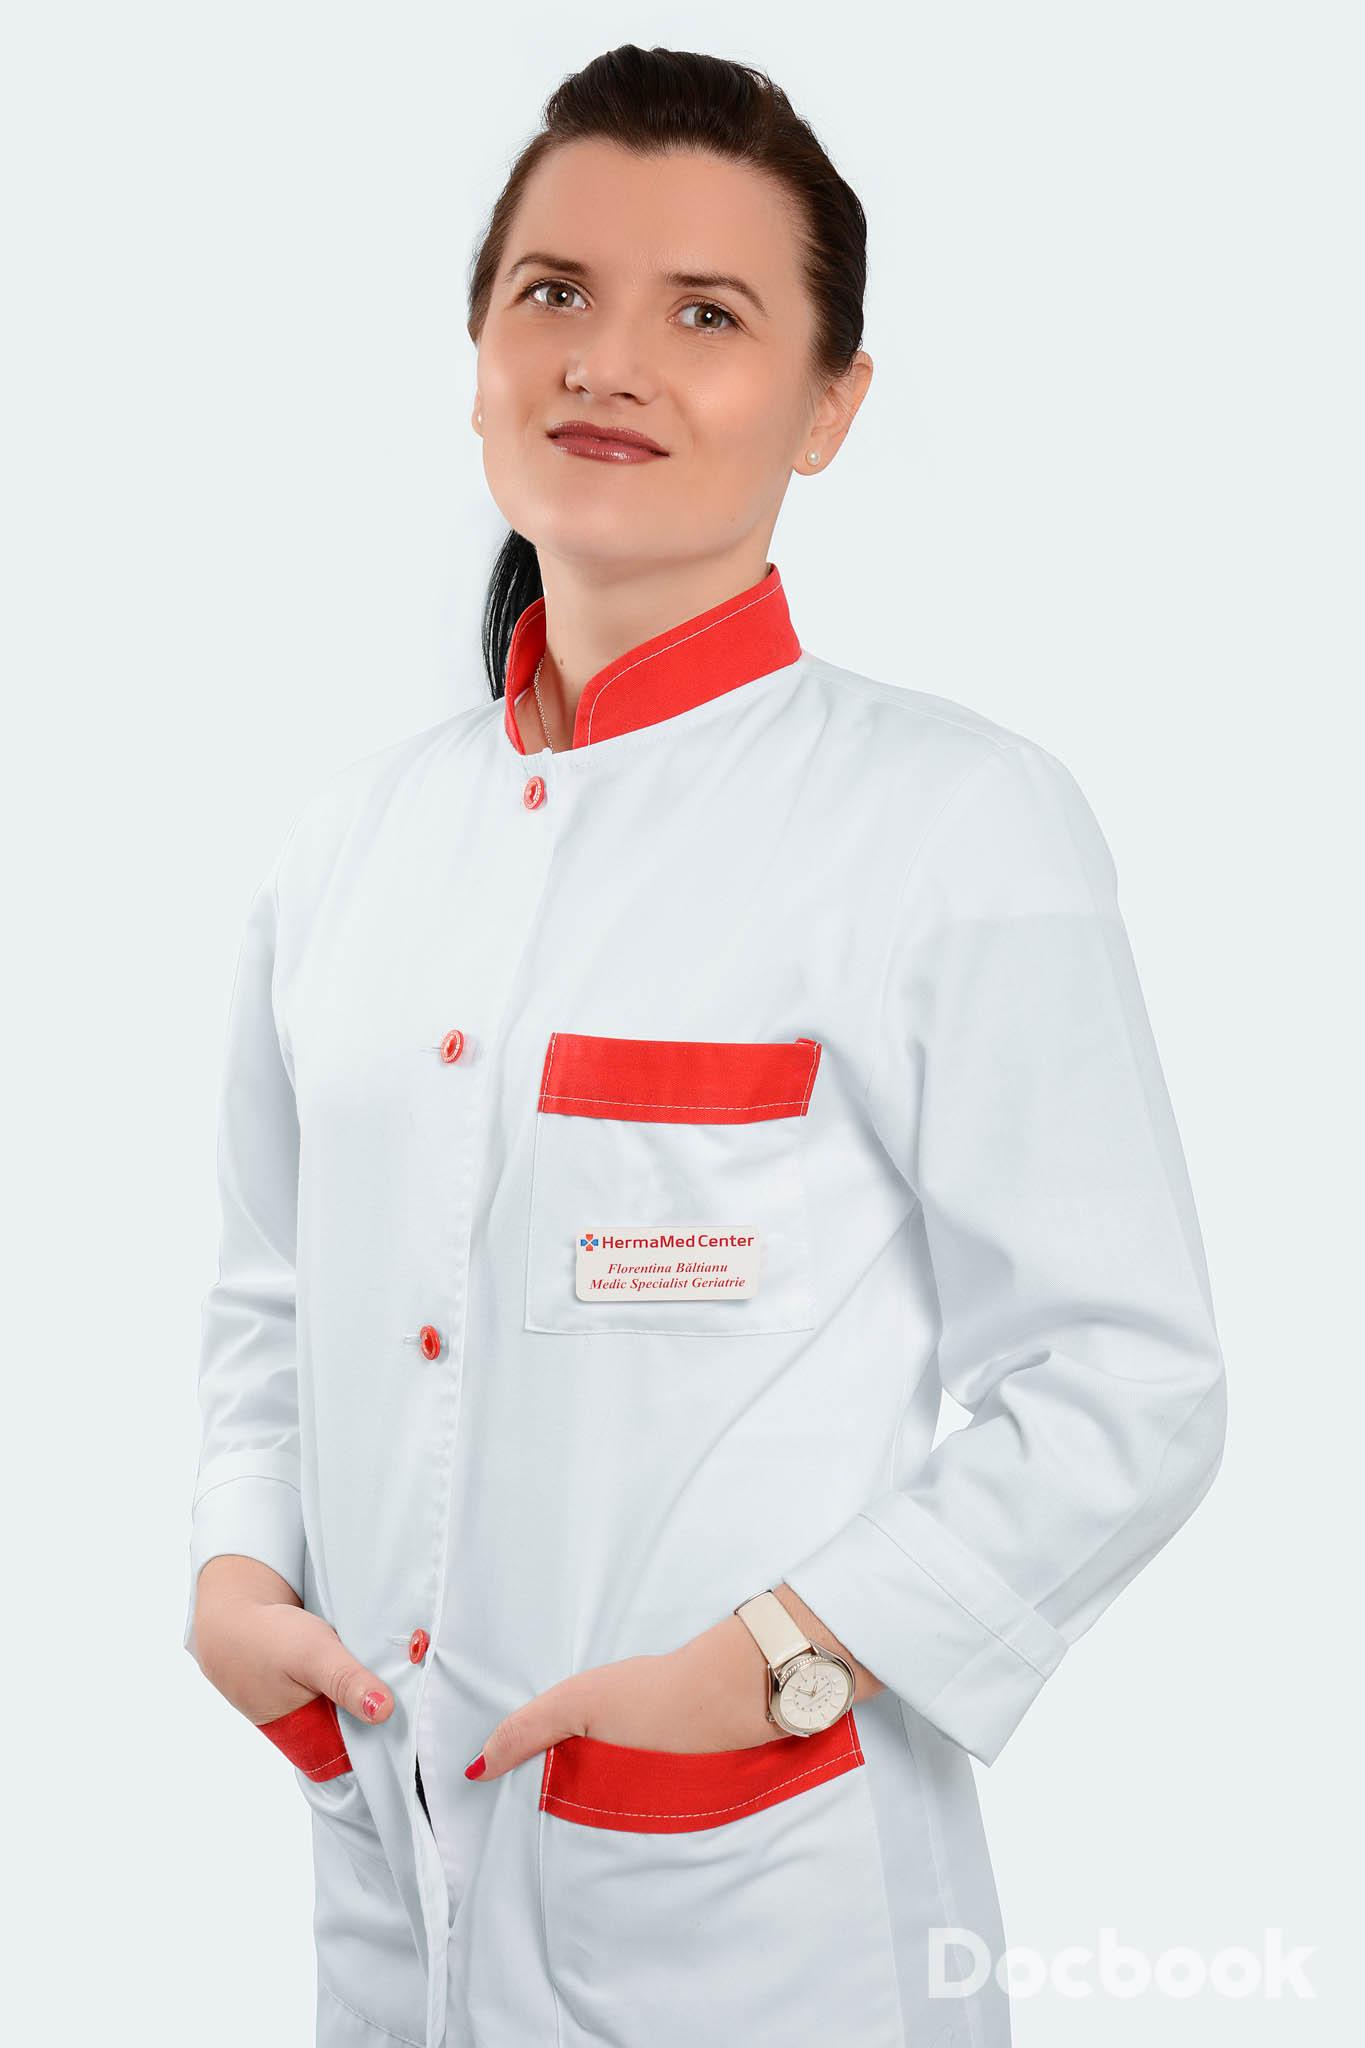 Dr. Florentina Baltianu